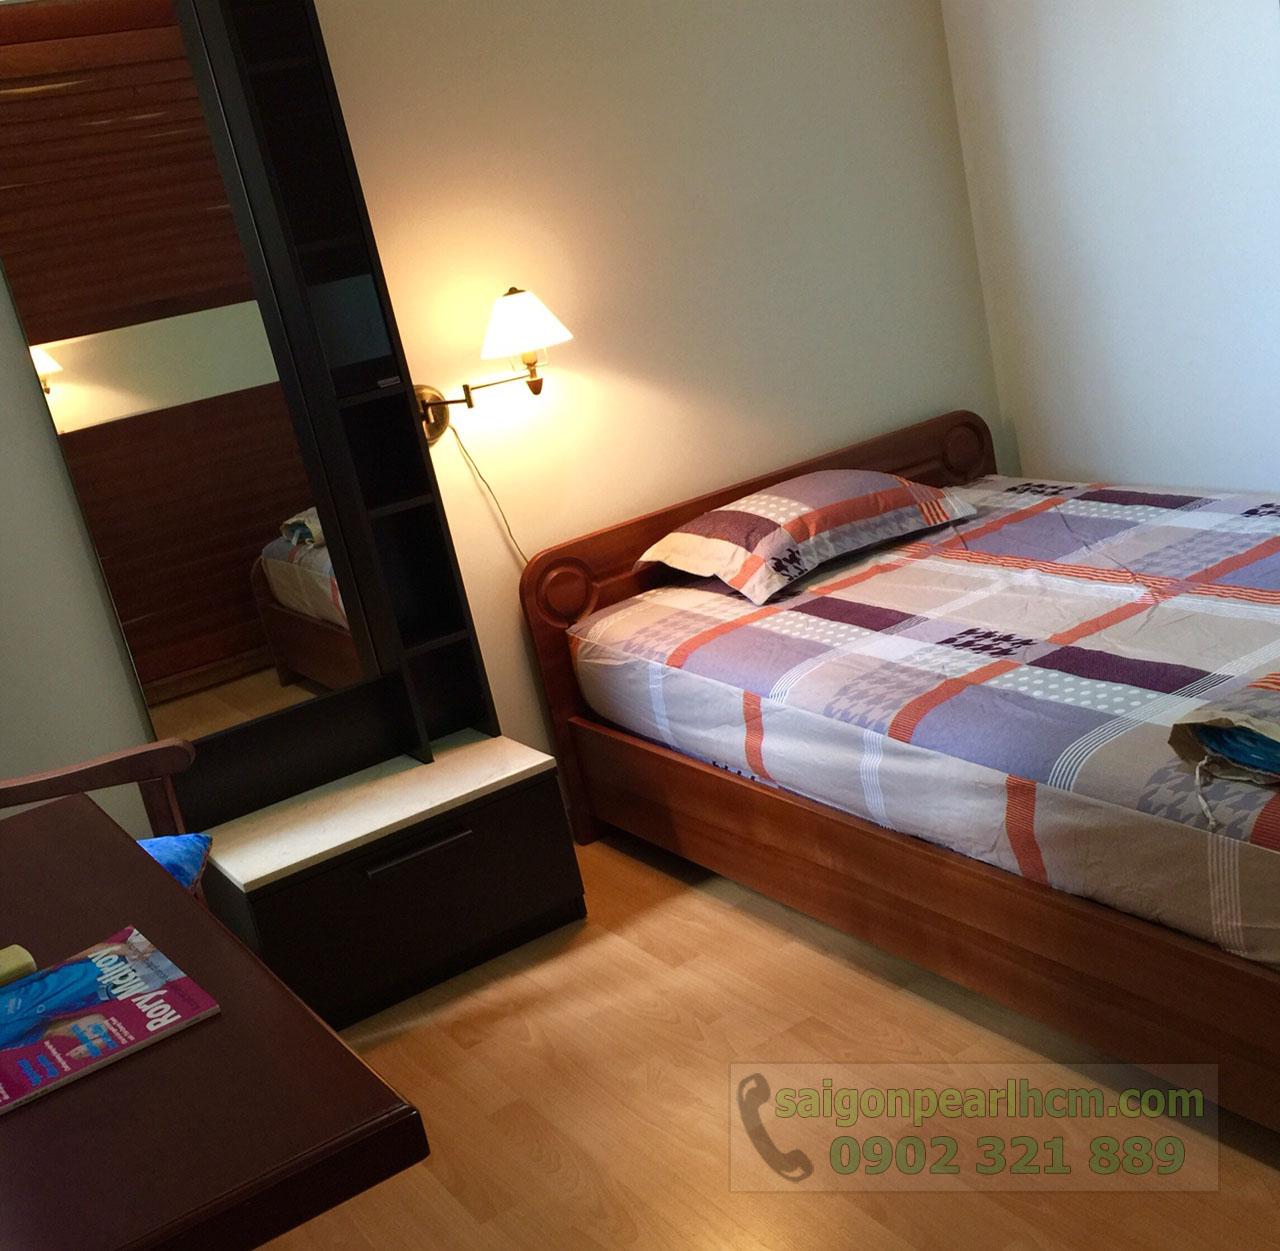 Cho thuê căn hộ Sapphire 2 Saigon Pearl - hình 3